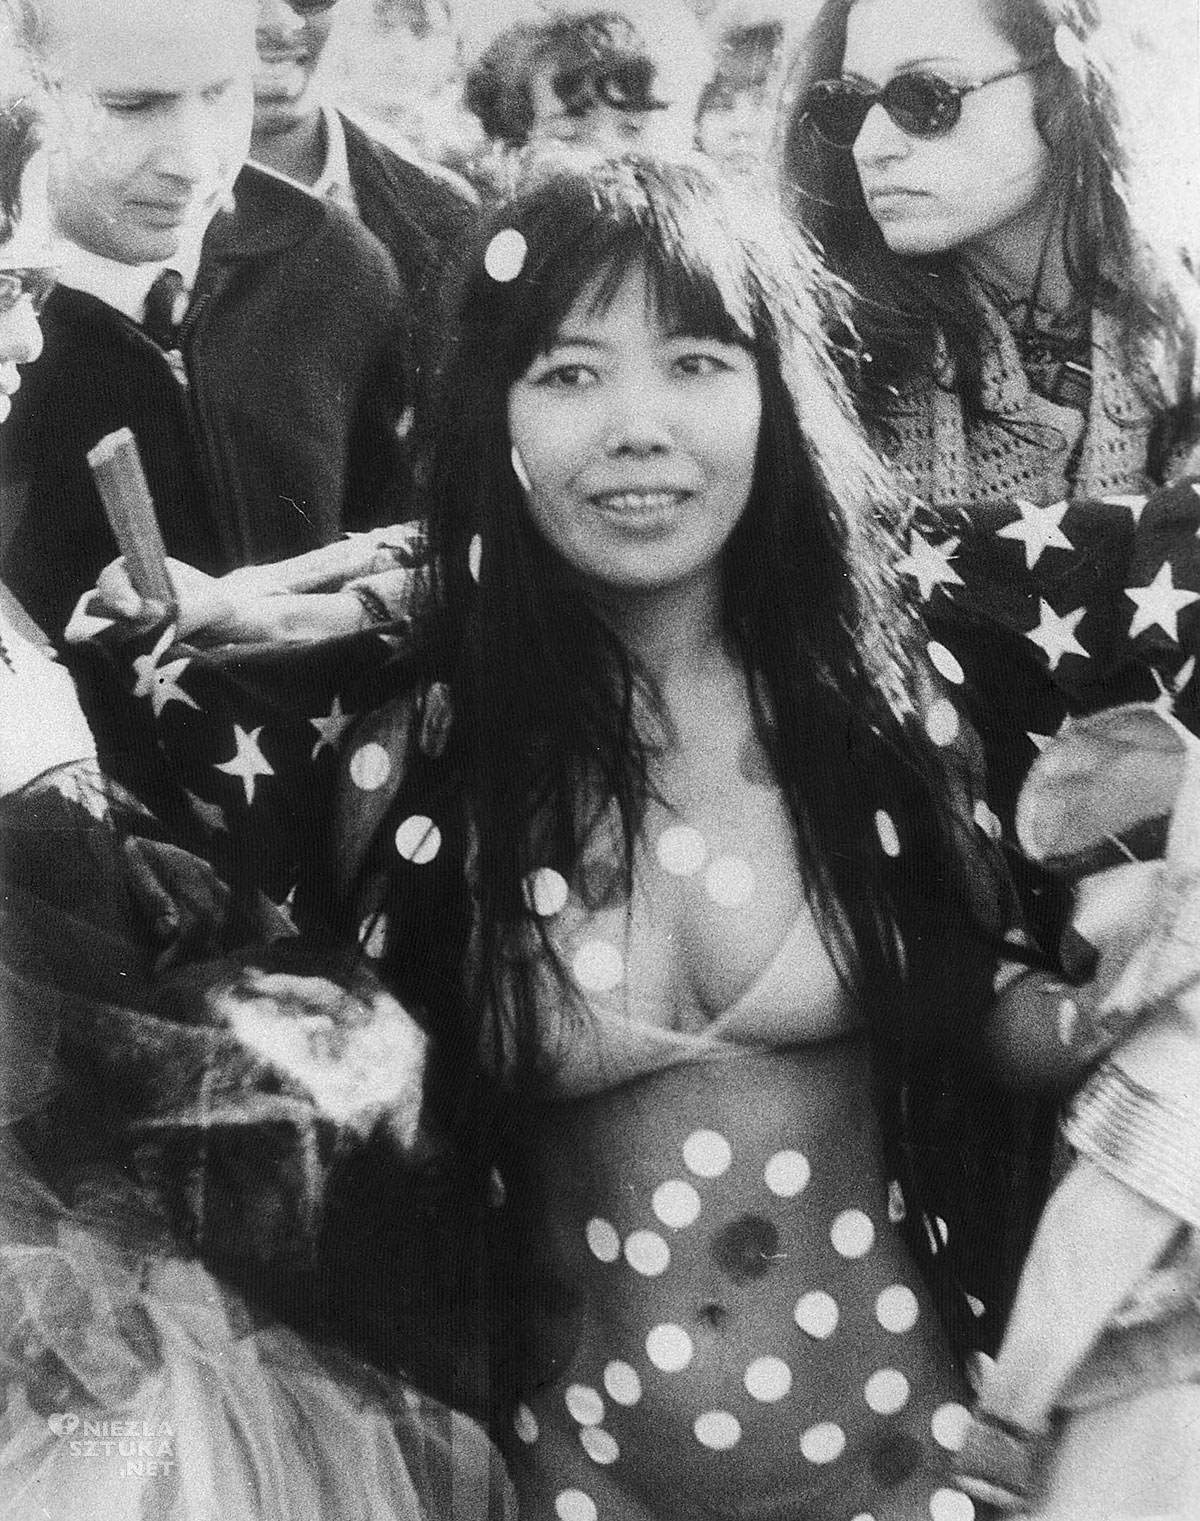 Yayoi Kusama, sztuka współczesna, kobiety w sztuce, Niezła Sztuka